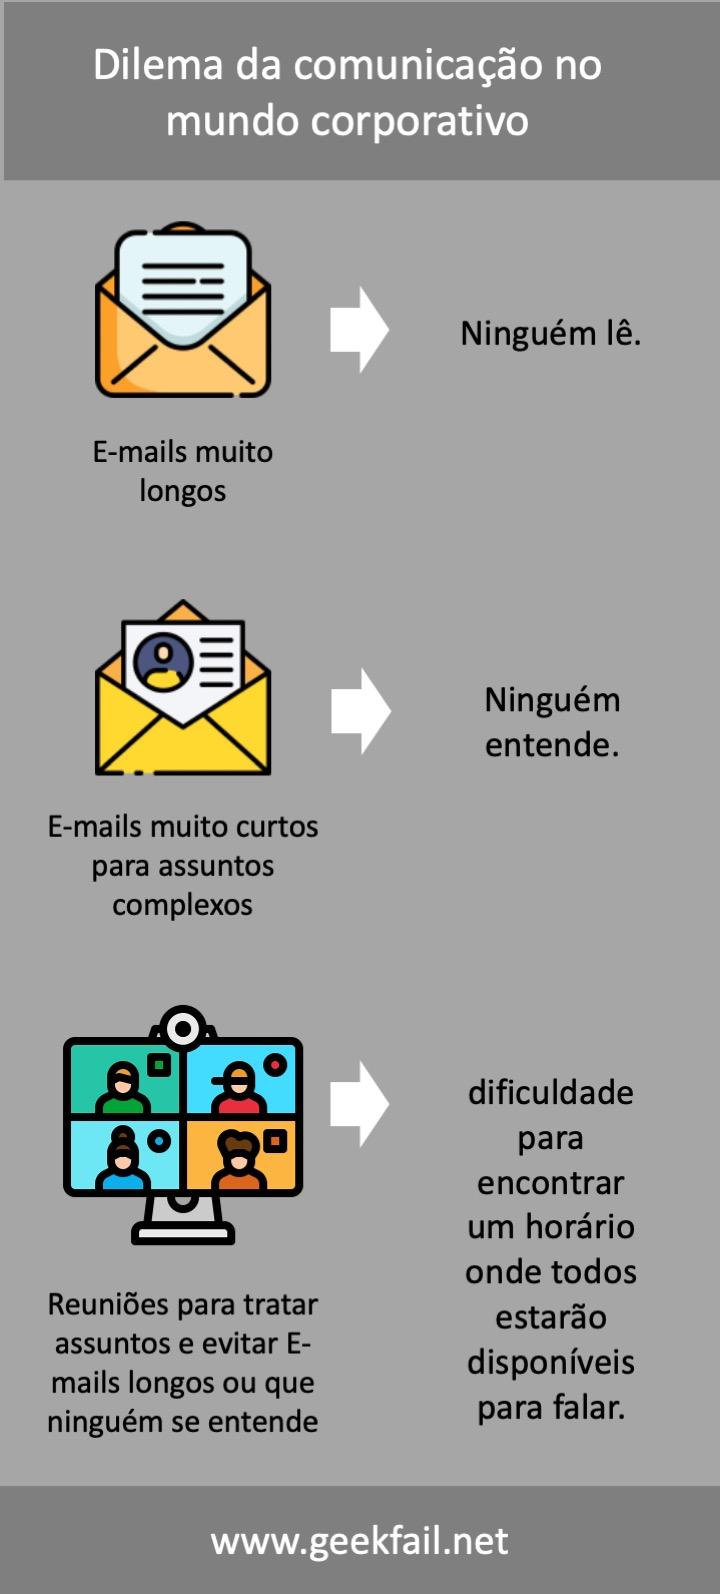 dilema da comunicacao no mundo corporativo